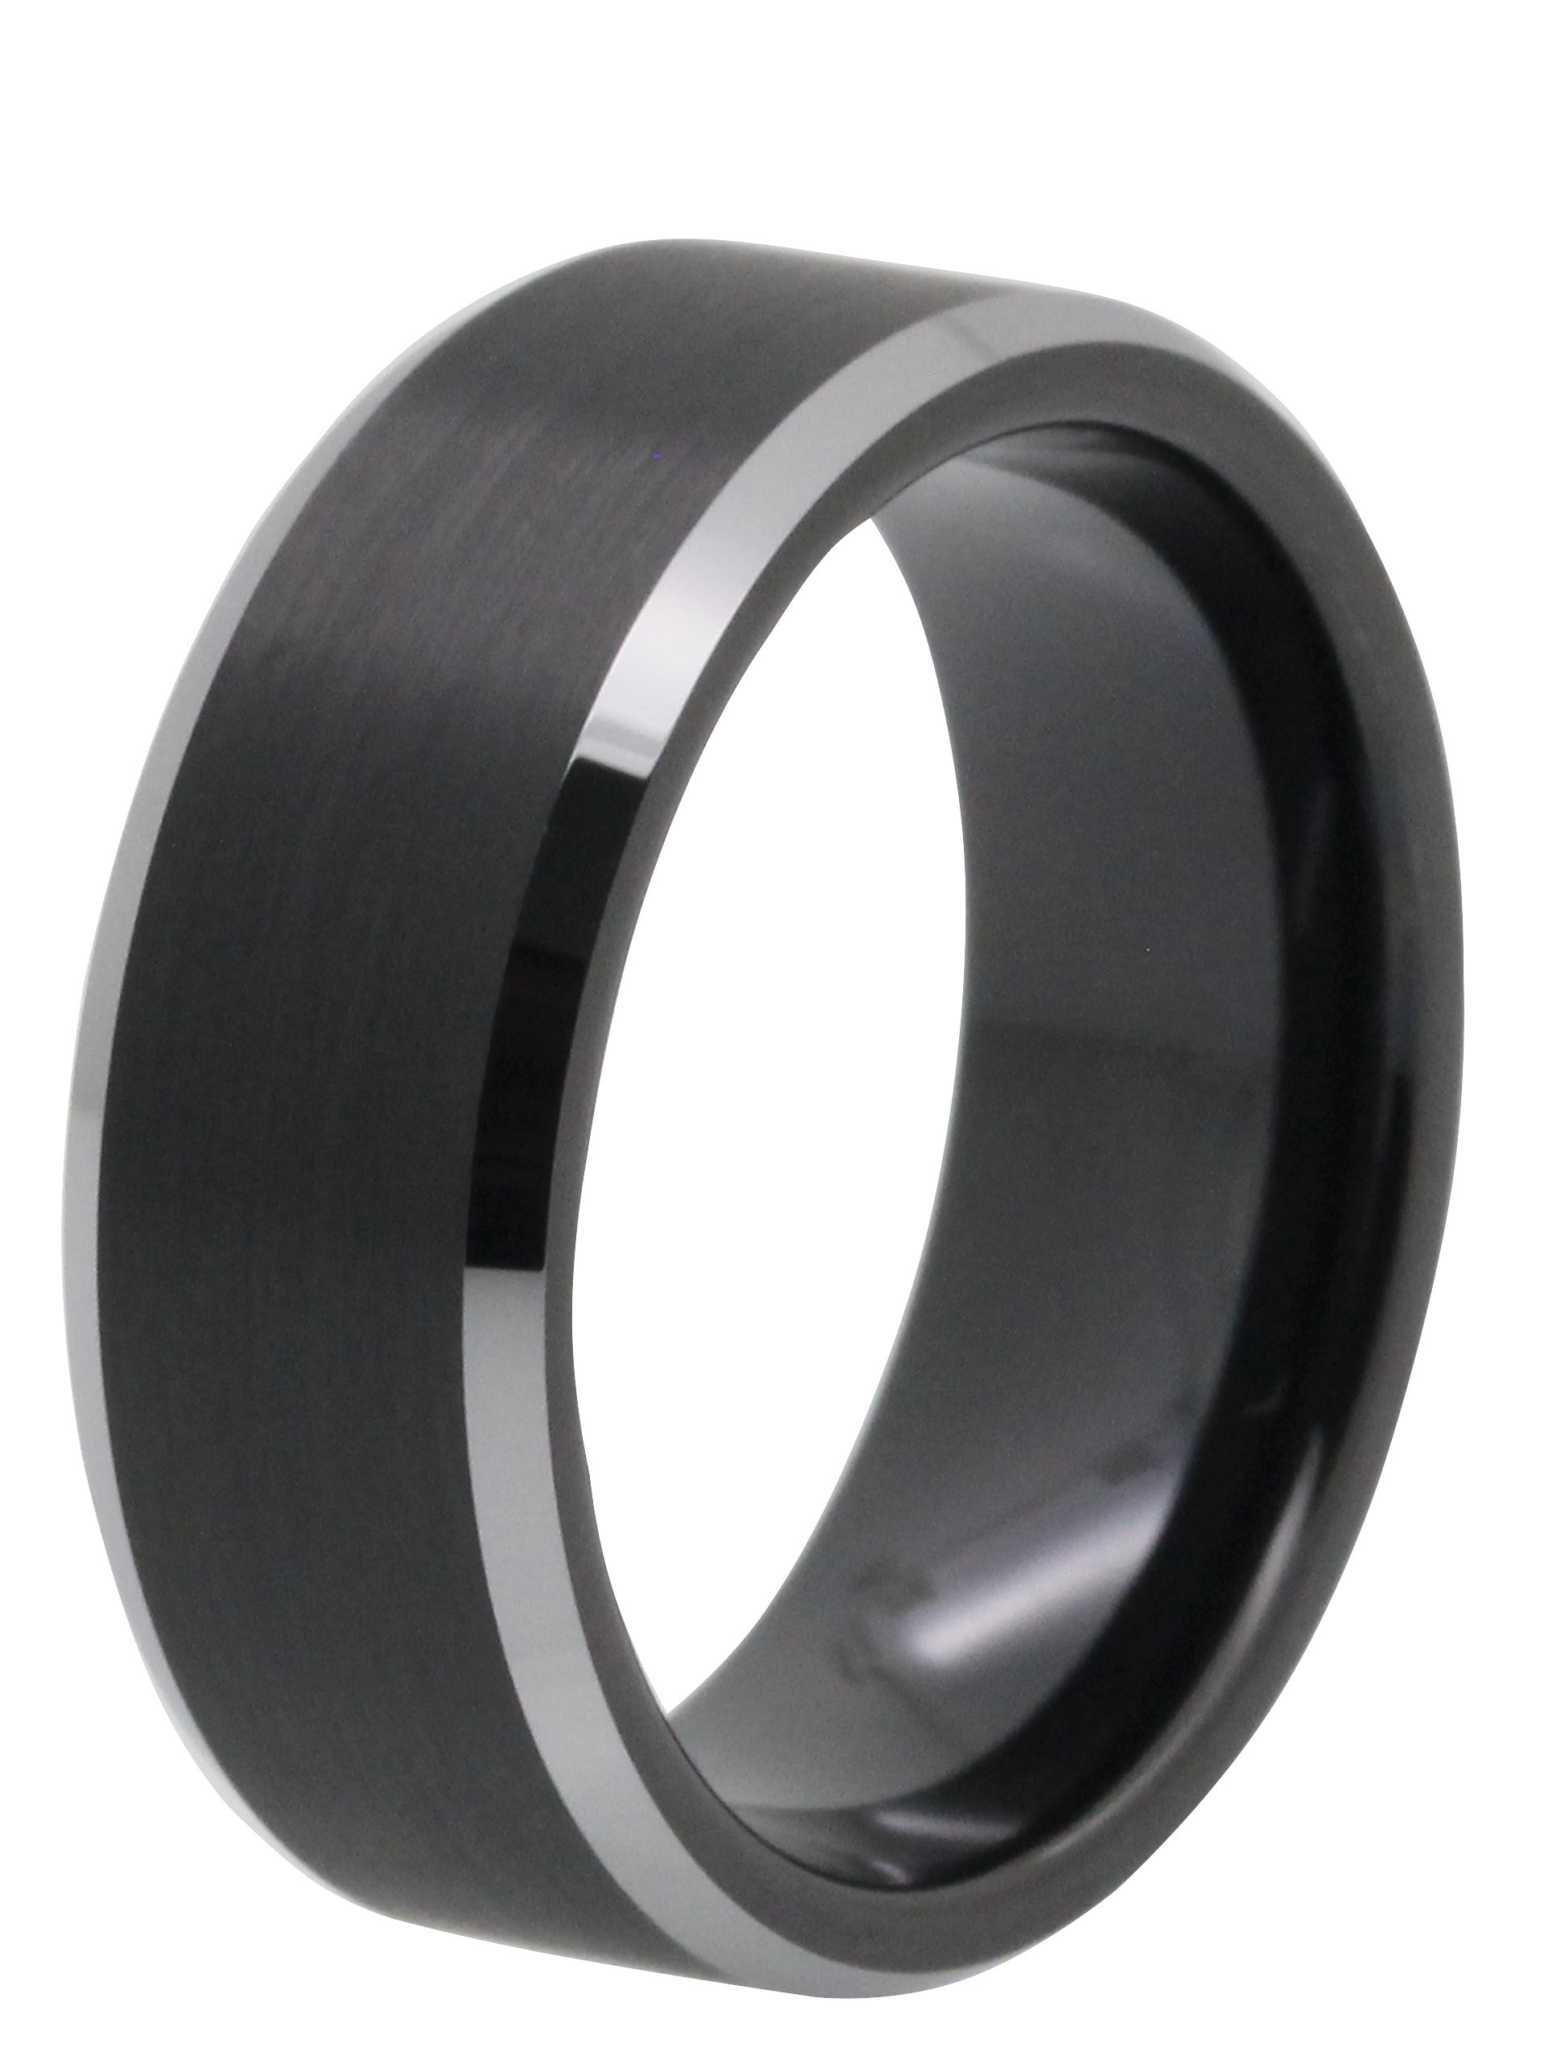 Tungsten Rings Amp Tungsten Wedding Bands UNDER 100